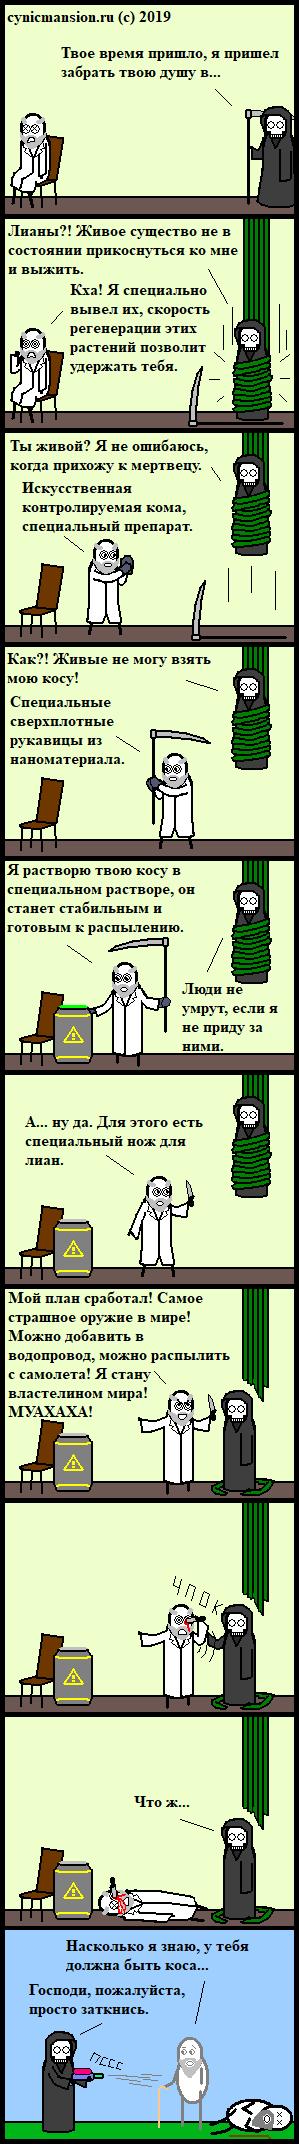 Смертельное + результатное Cynicmansion, Комиксы, Смерть, Ученые, Конкурс, Длиннопост